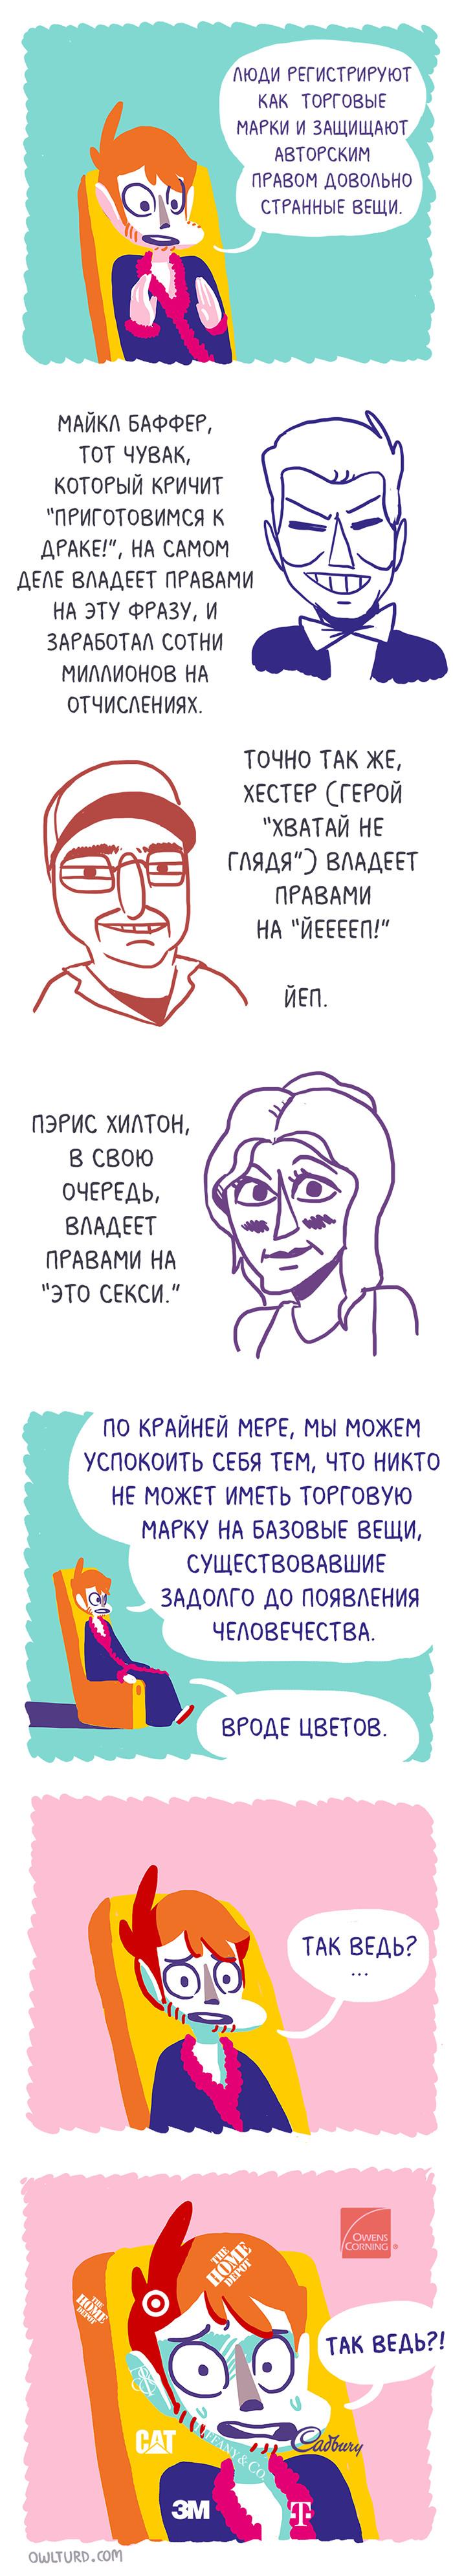 Авторские права Owlturd, Комиксы, Авторские права, Перевод, InkHaven, Длиннопост